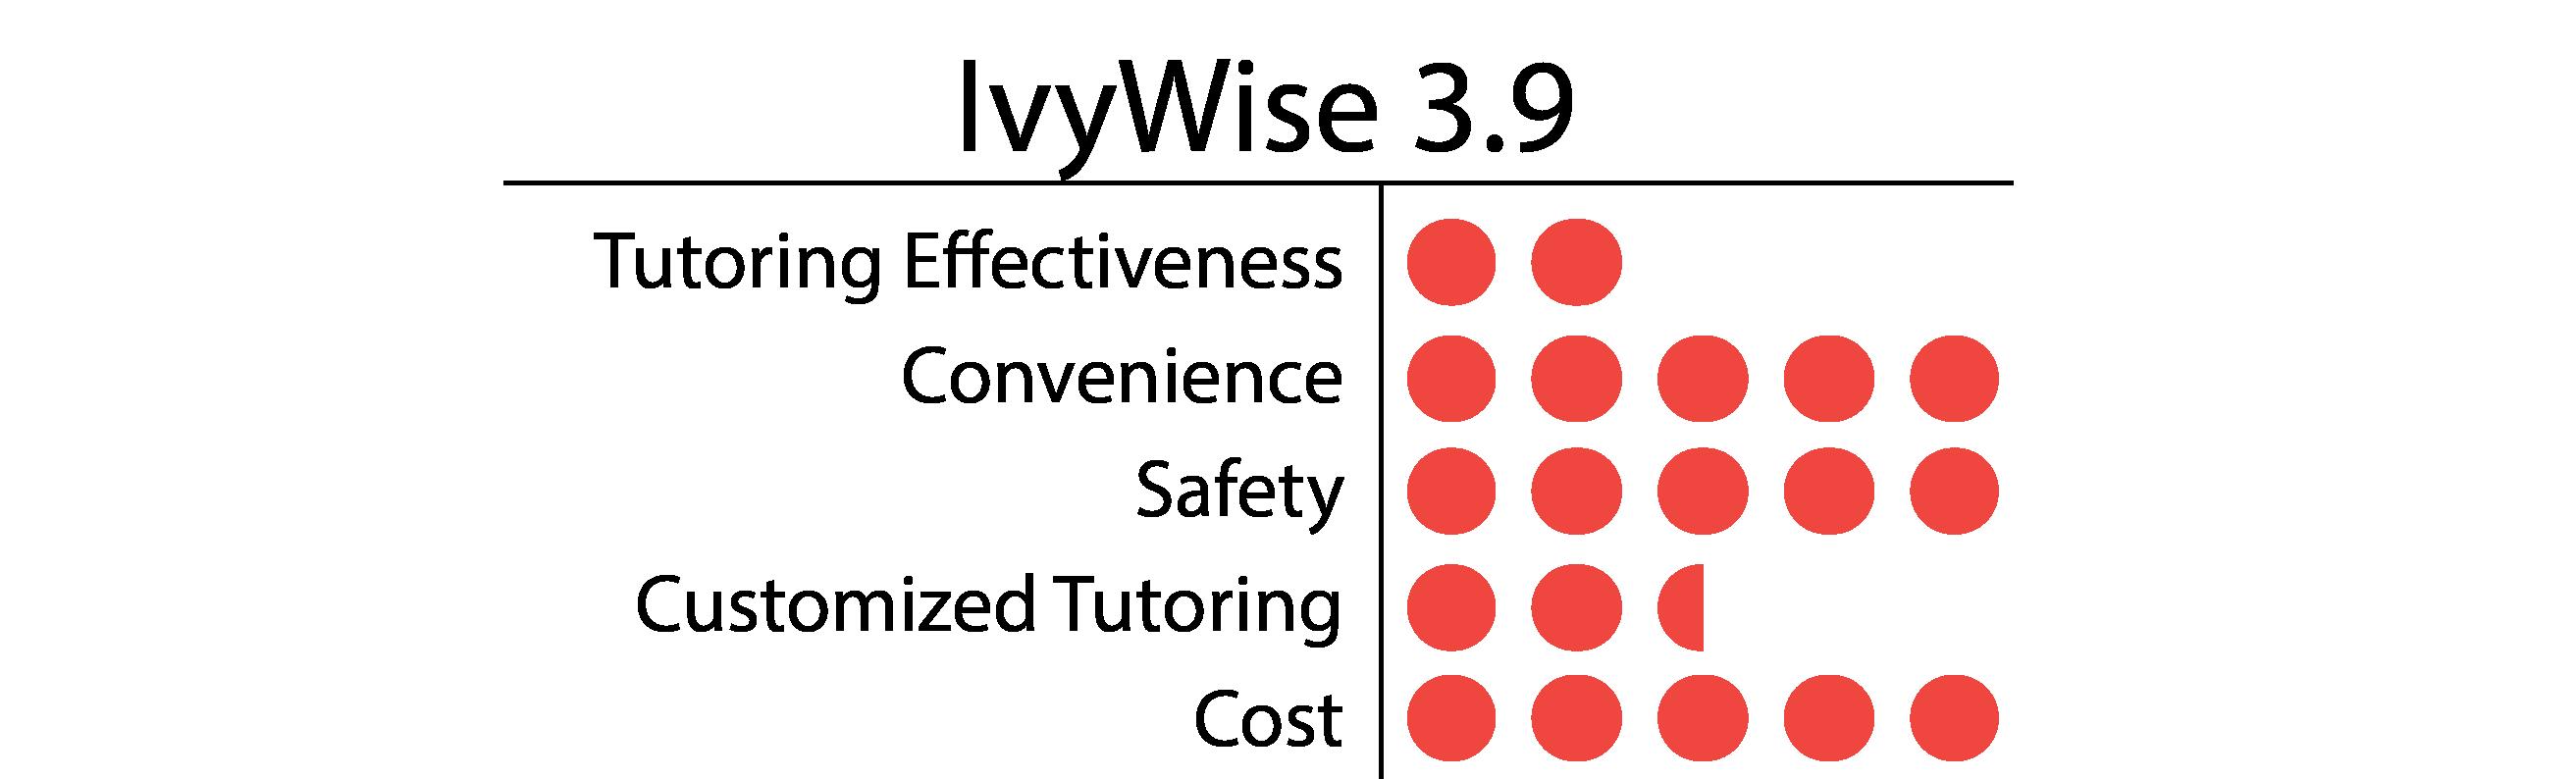 IvyWise-01